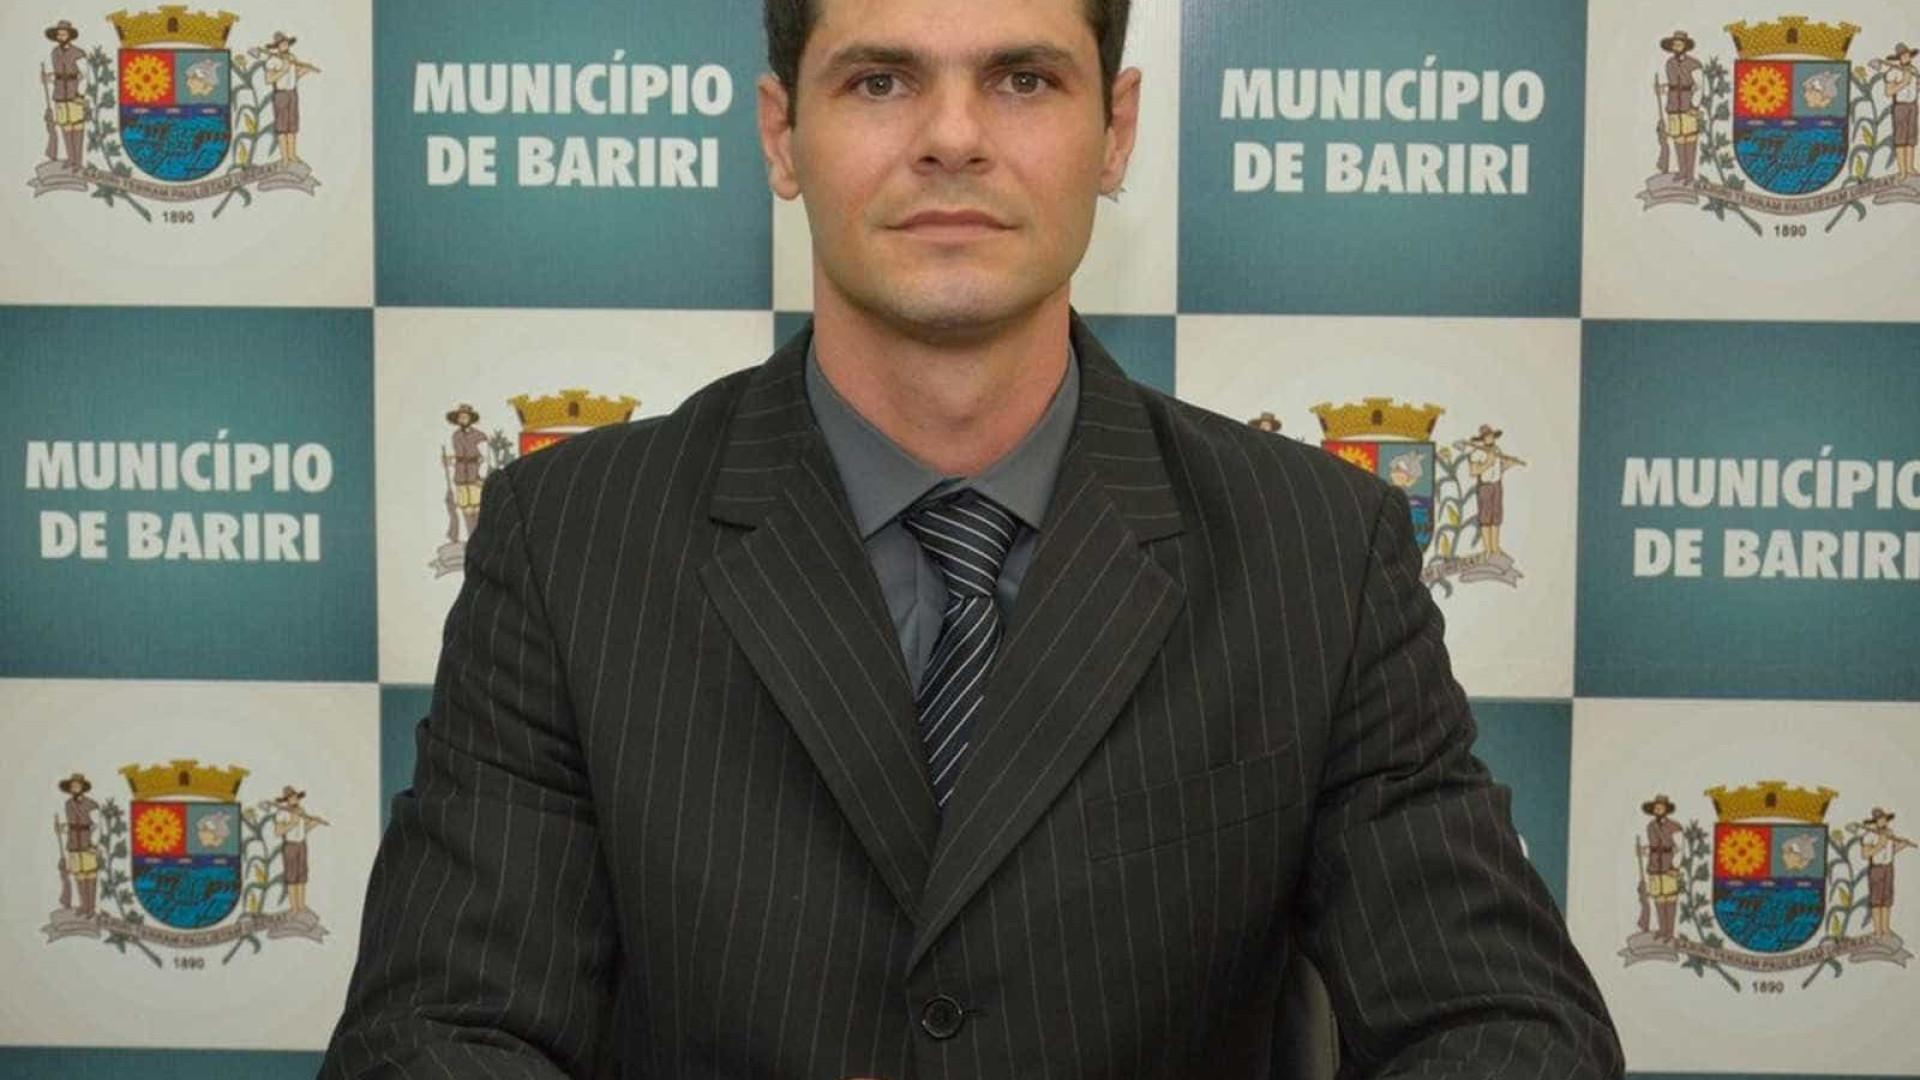 Acusado de abuso, prefeito de Bariri (SP) é expulso do PSDB